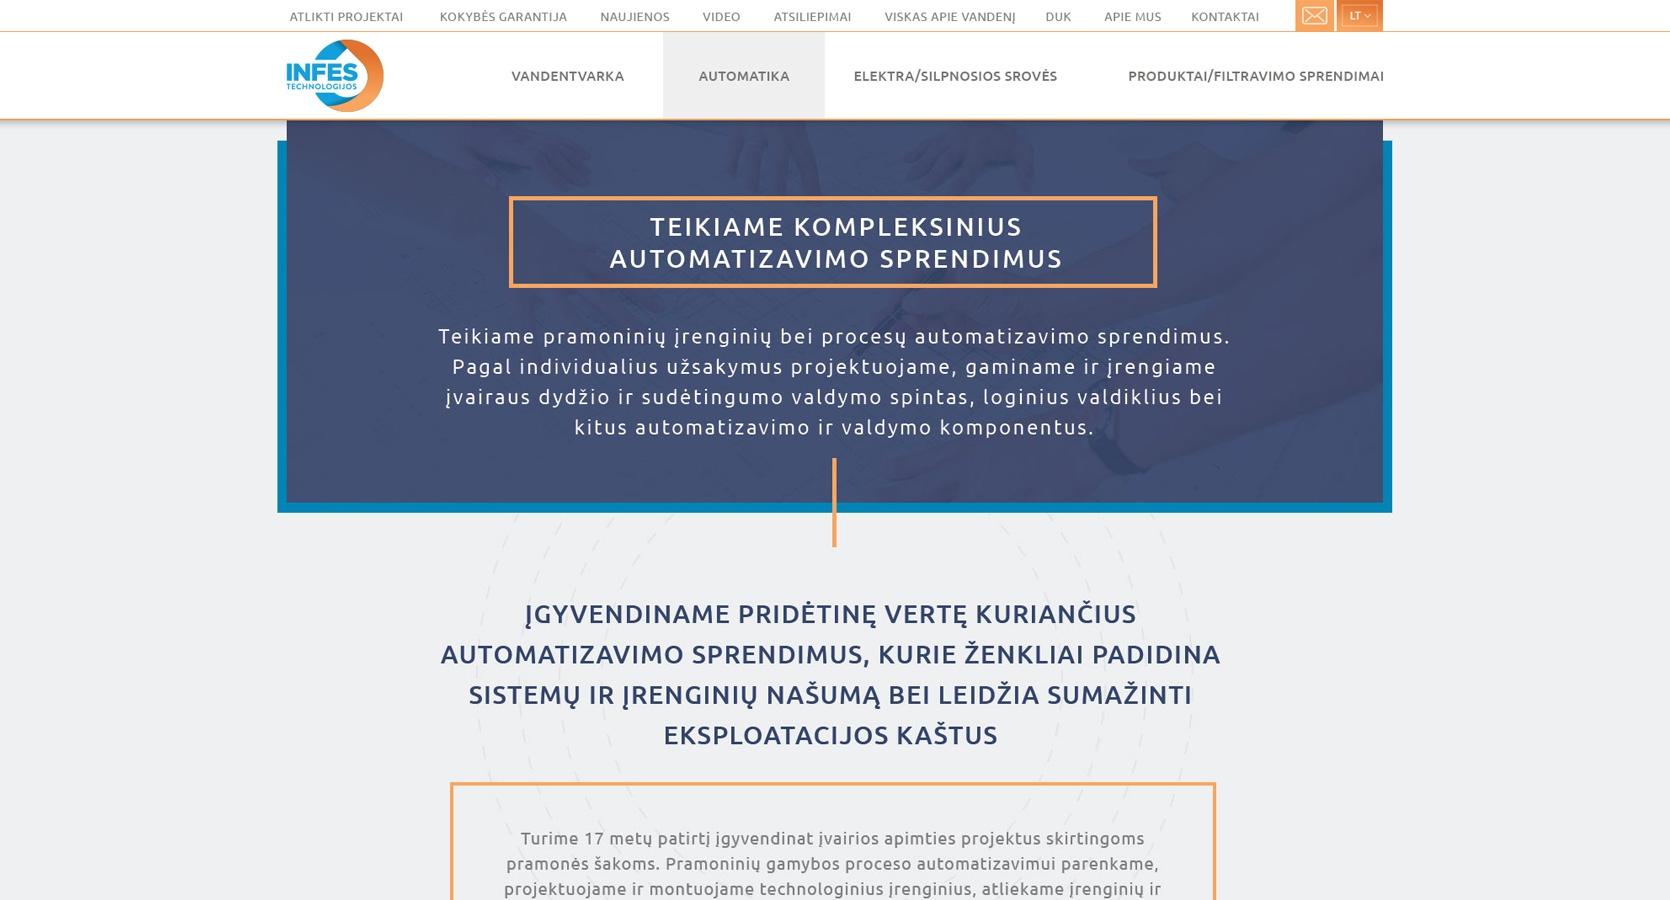 Skaitmeninės ir strateginės rinkodaros paslaugos. Internetinių tinklalapių, logotipų ir firminio stiliaus kūrimas, įmonės pozicionavimas, konkurencinio pranašumo stiprinimas. Skaitmeninės rinkodaros paslaugos, strateginės rinkodaros paslaugos. Logotipų kūrimas, firminio stiliaus kūrimas - PIXELART.LT